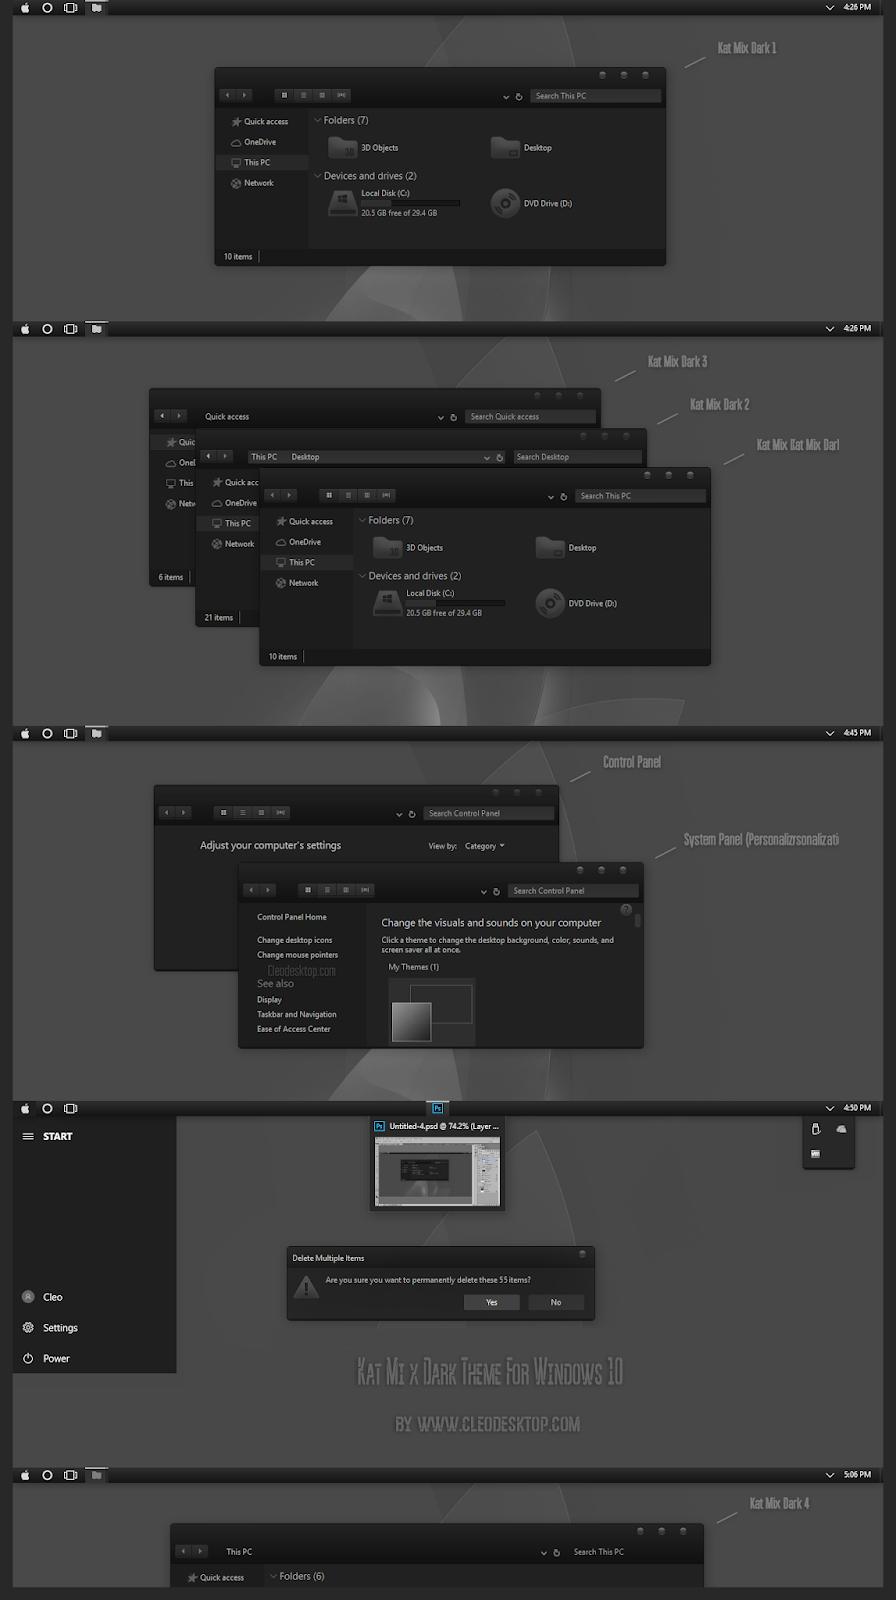 Kat Mix Dark Theme For Windows10 2004